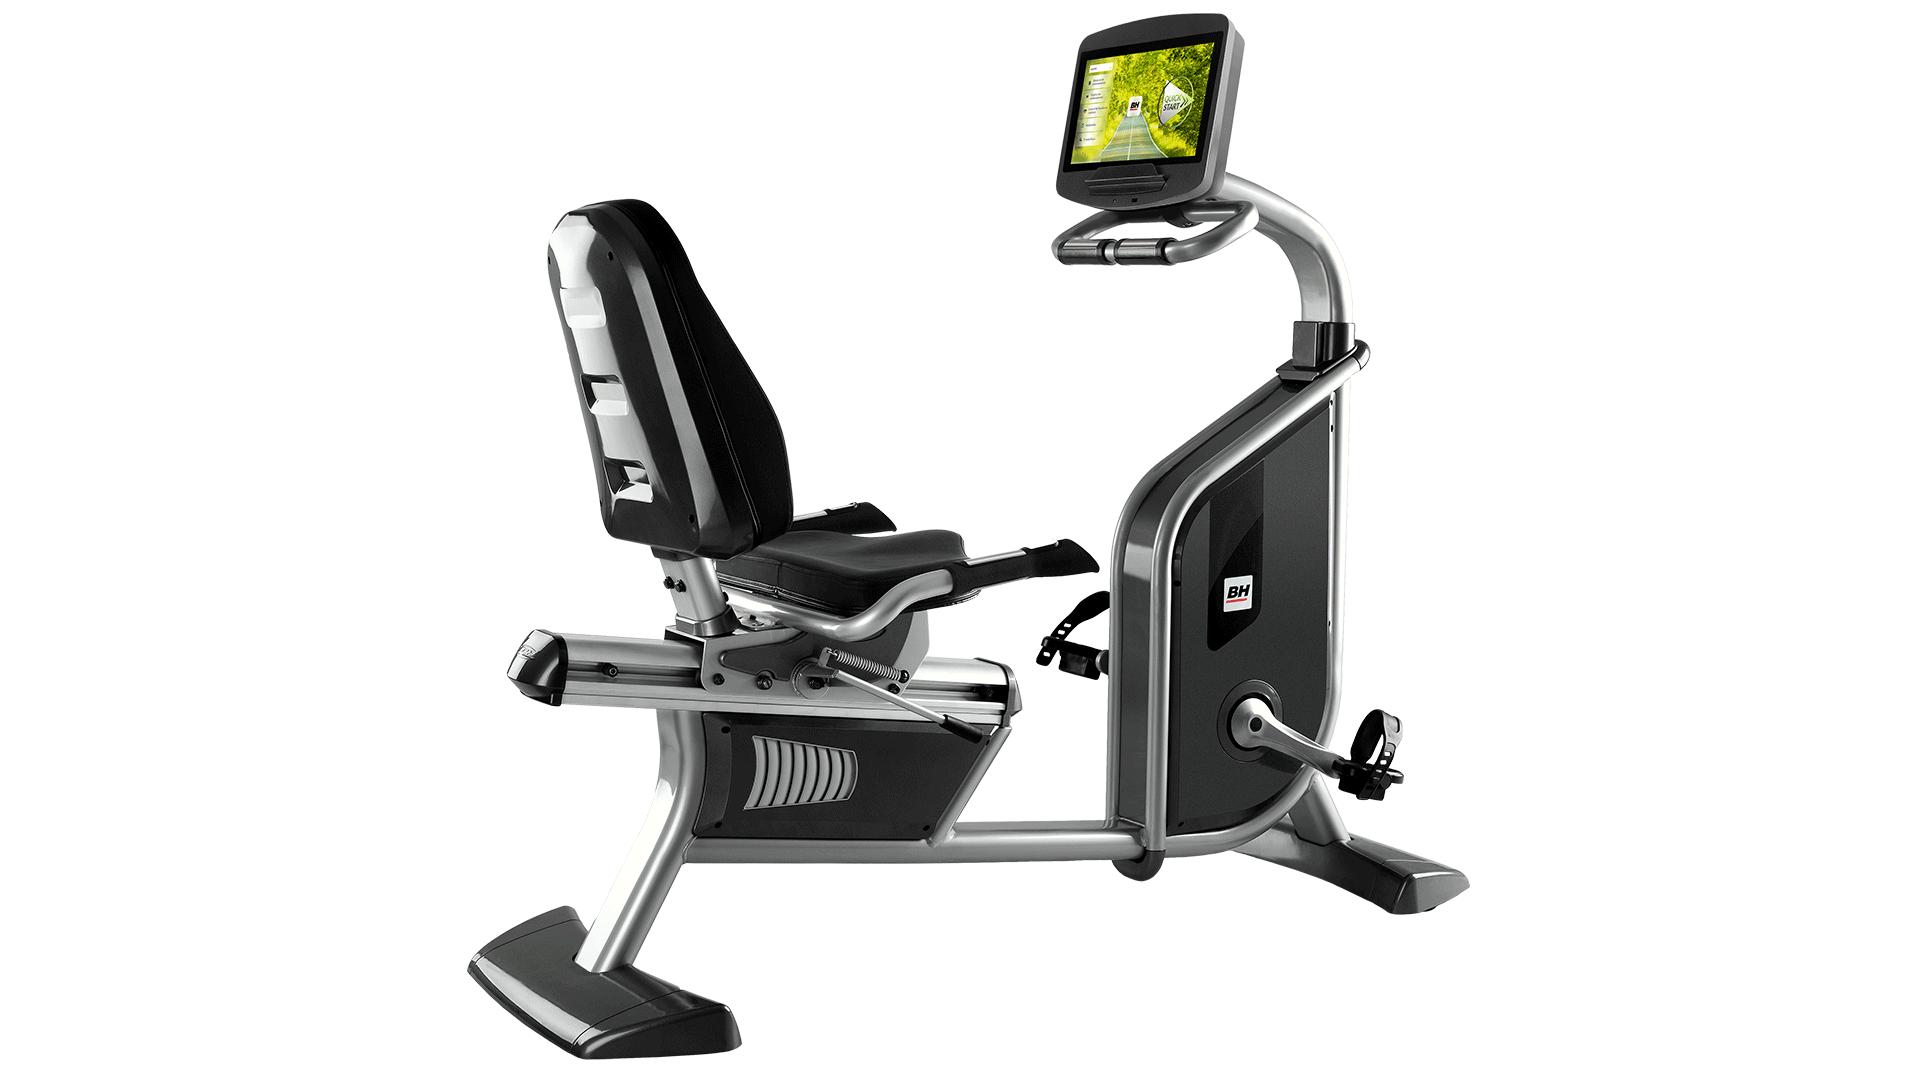 SK8950 Bicicleta reclinada profesional